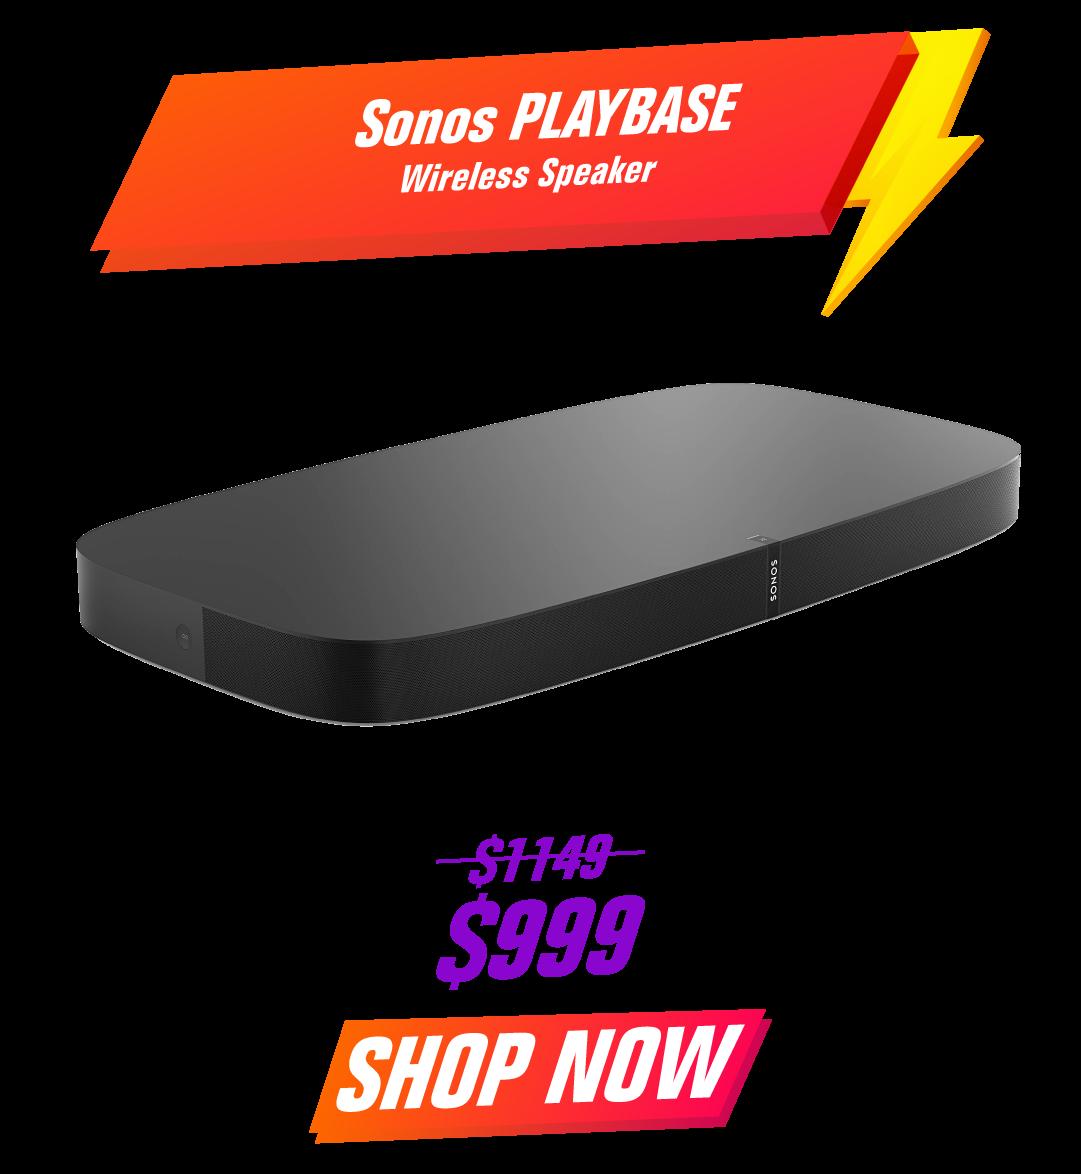 Sonos PLAYBASE Wireless Speaker - Black